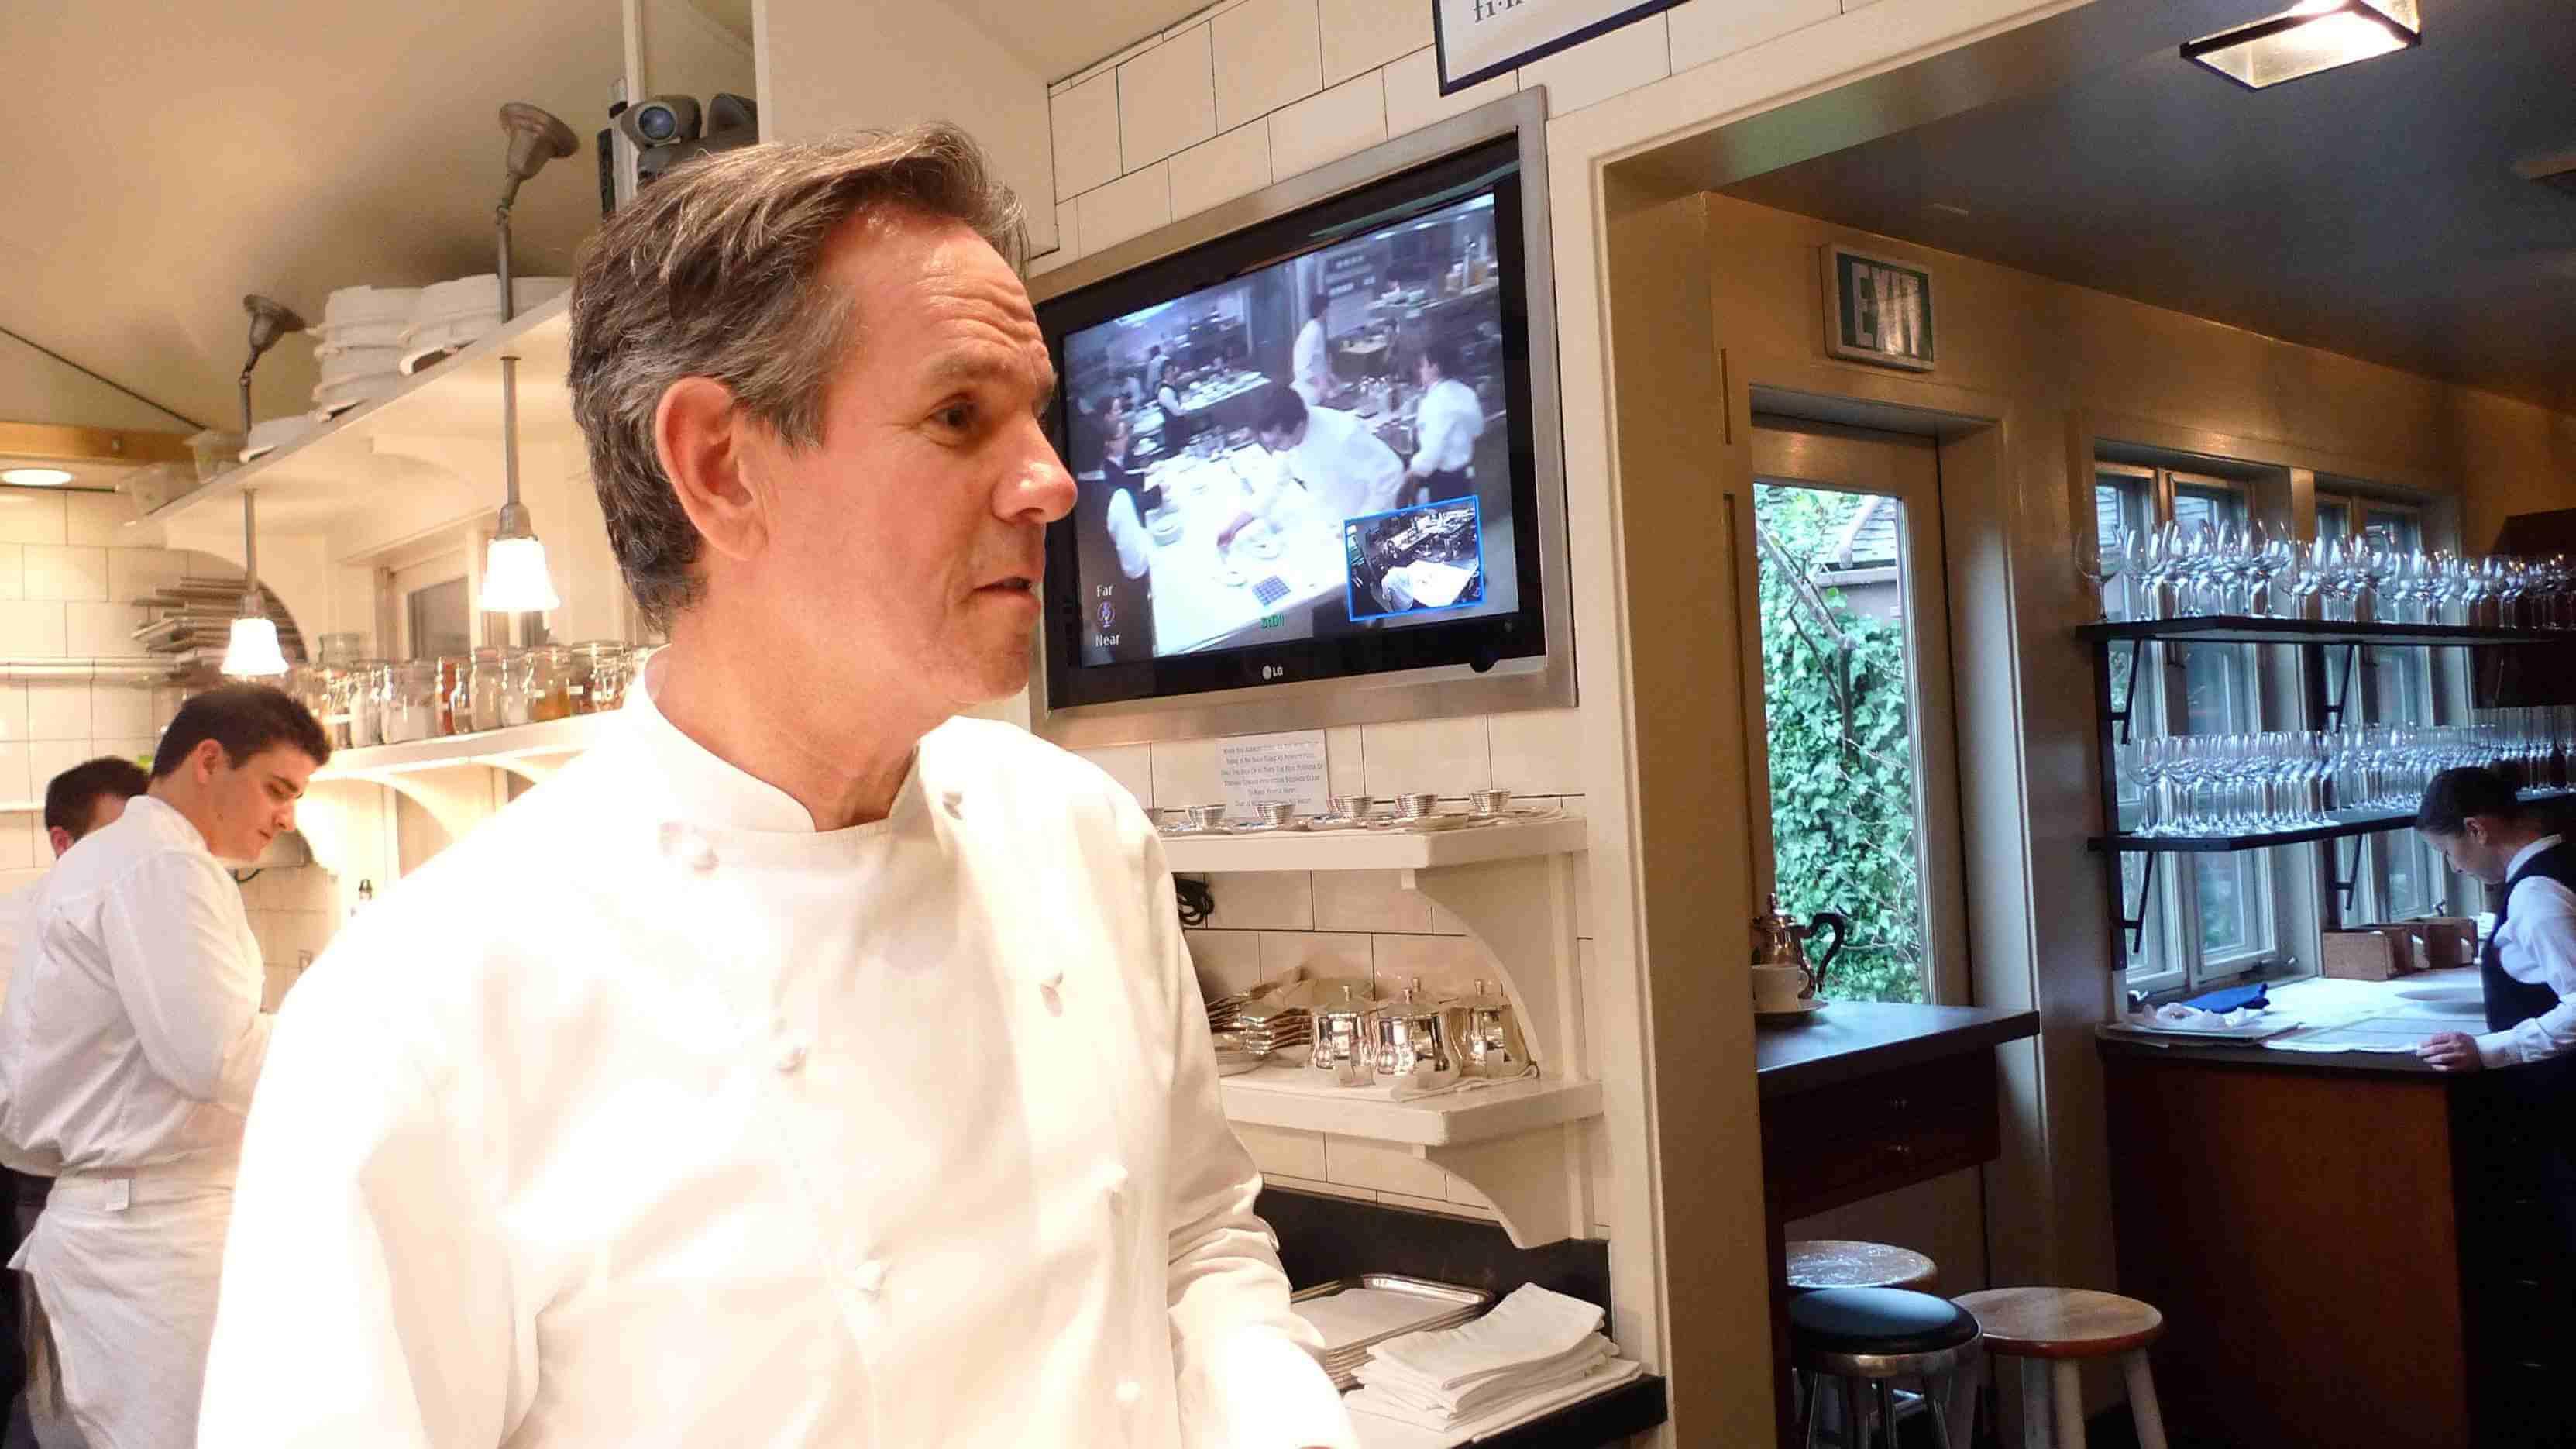 Die Aufgaben eines Kochs im 21. Jahrhundert – es geht nicht nur ums Kochen